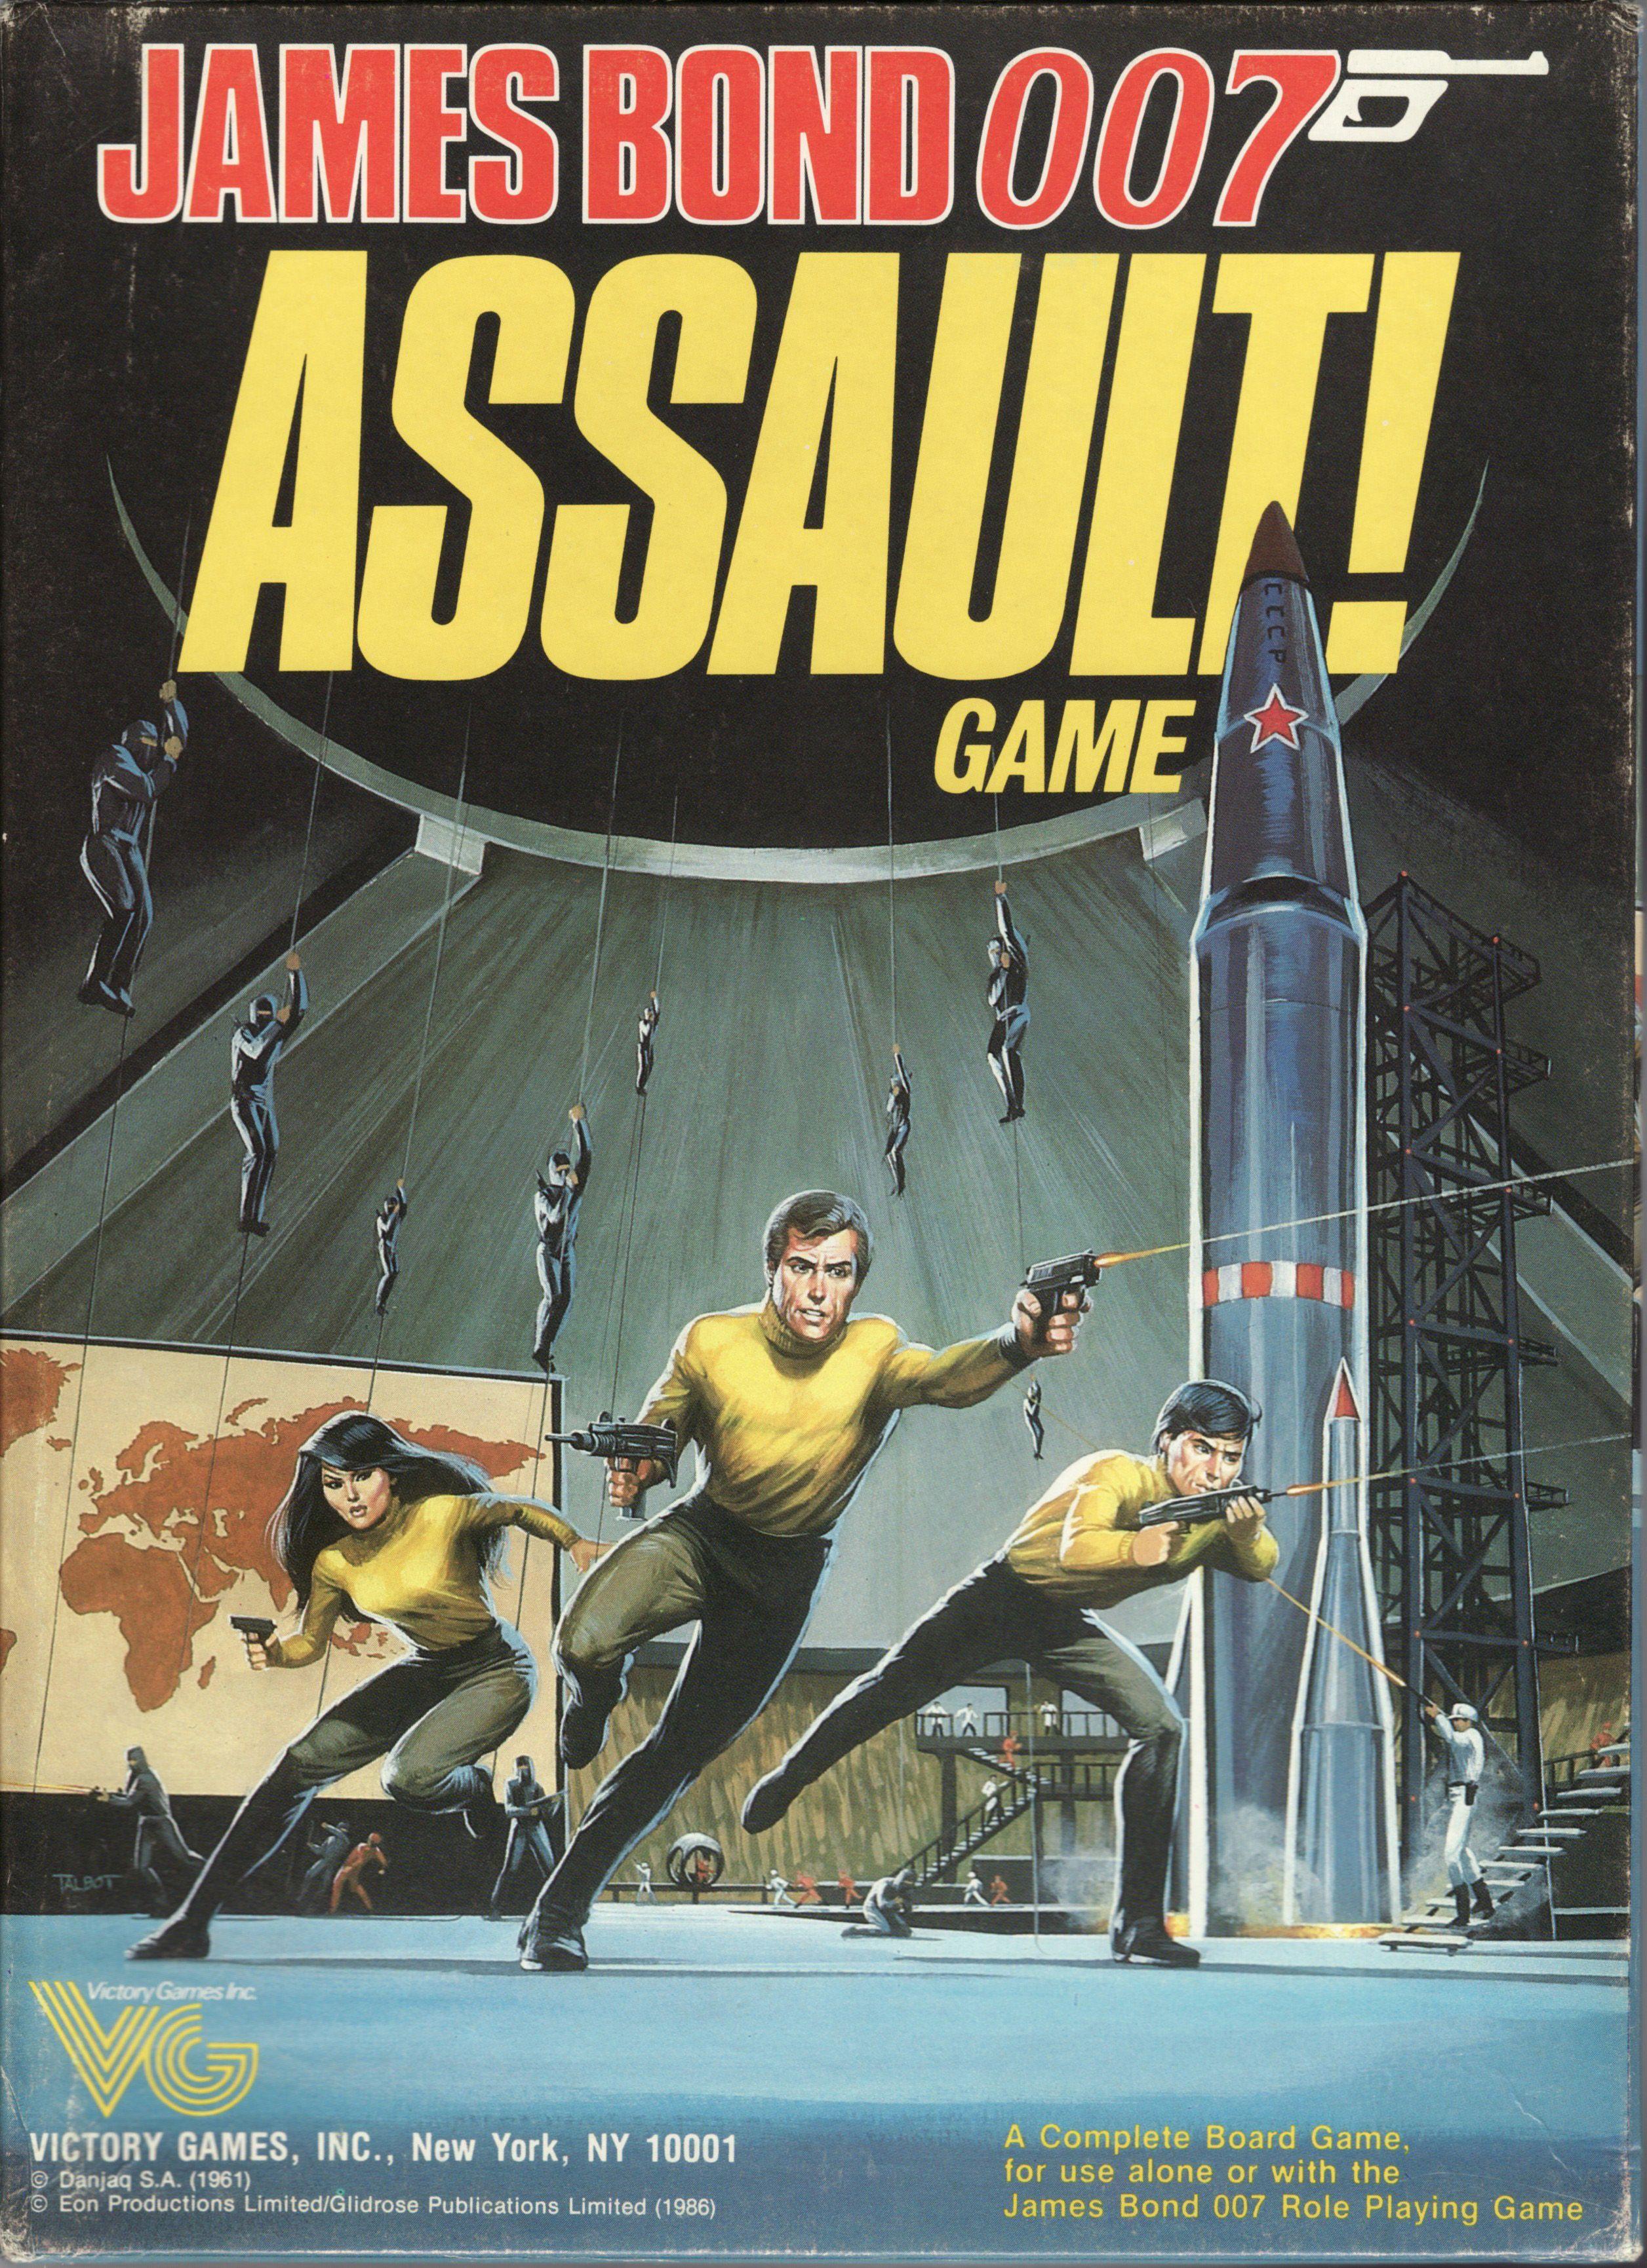 James Bond 007 Assault! Game